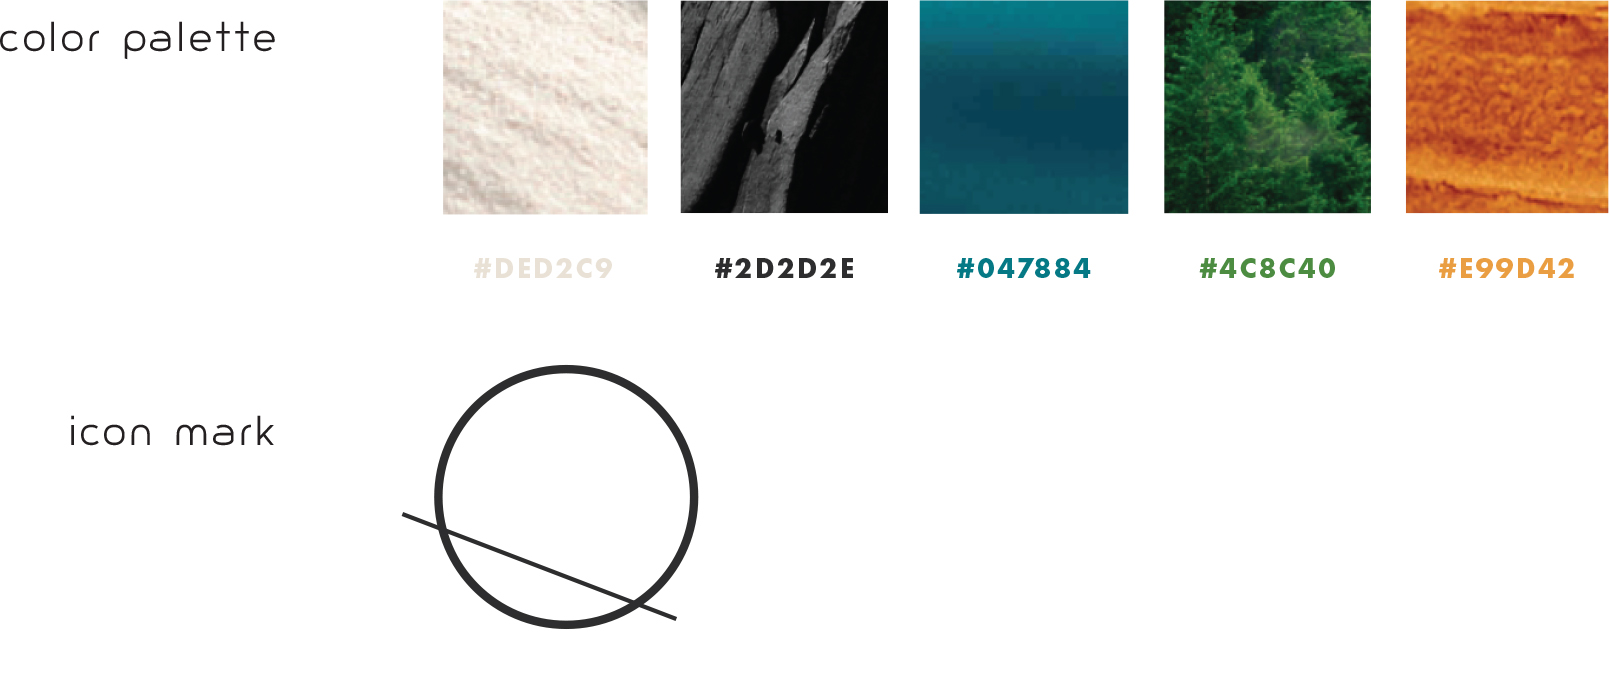 equiterra branding guidelines rev.jpg